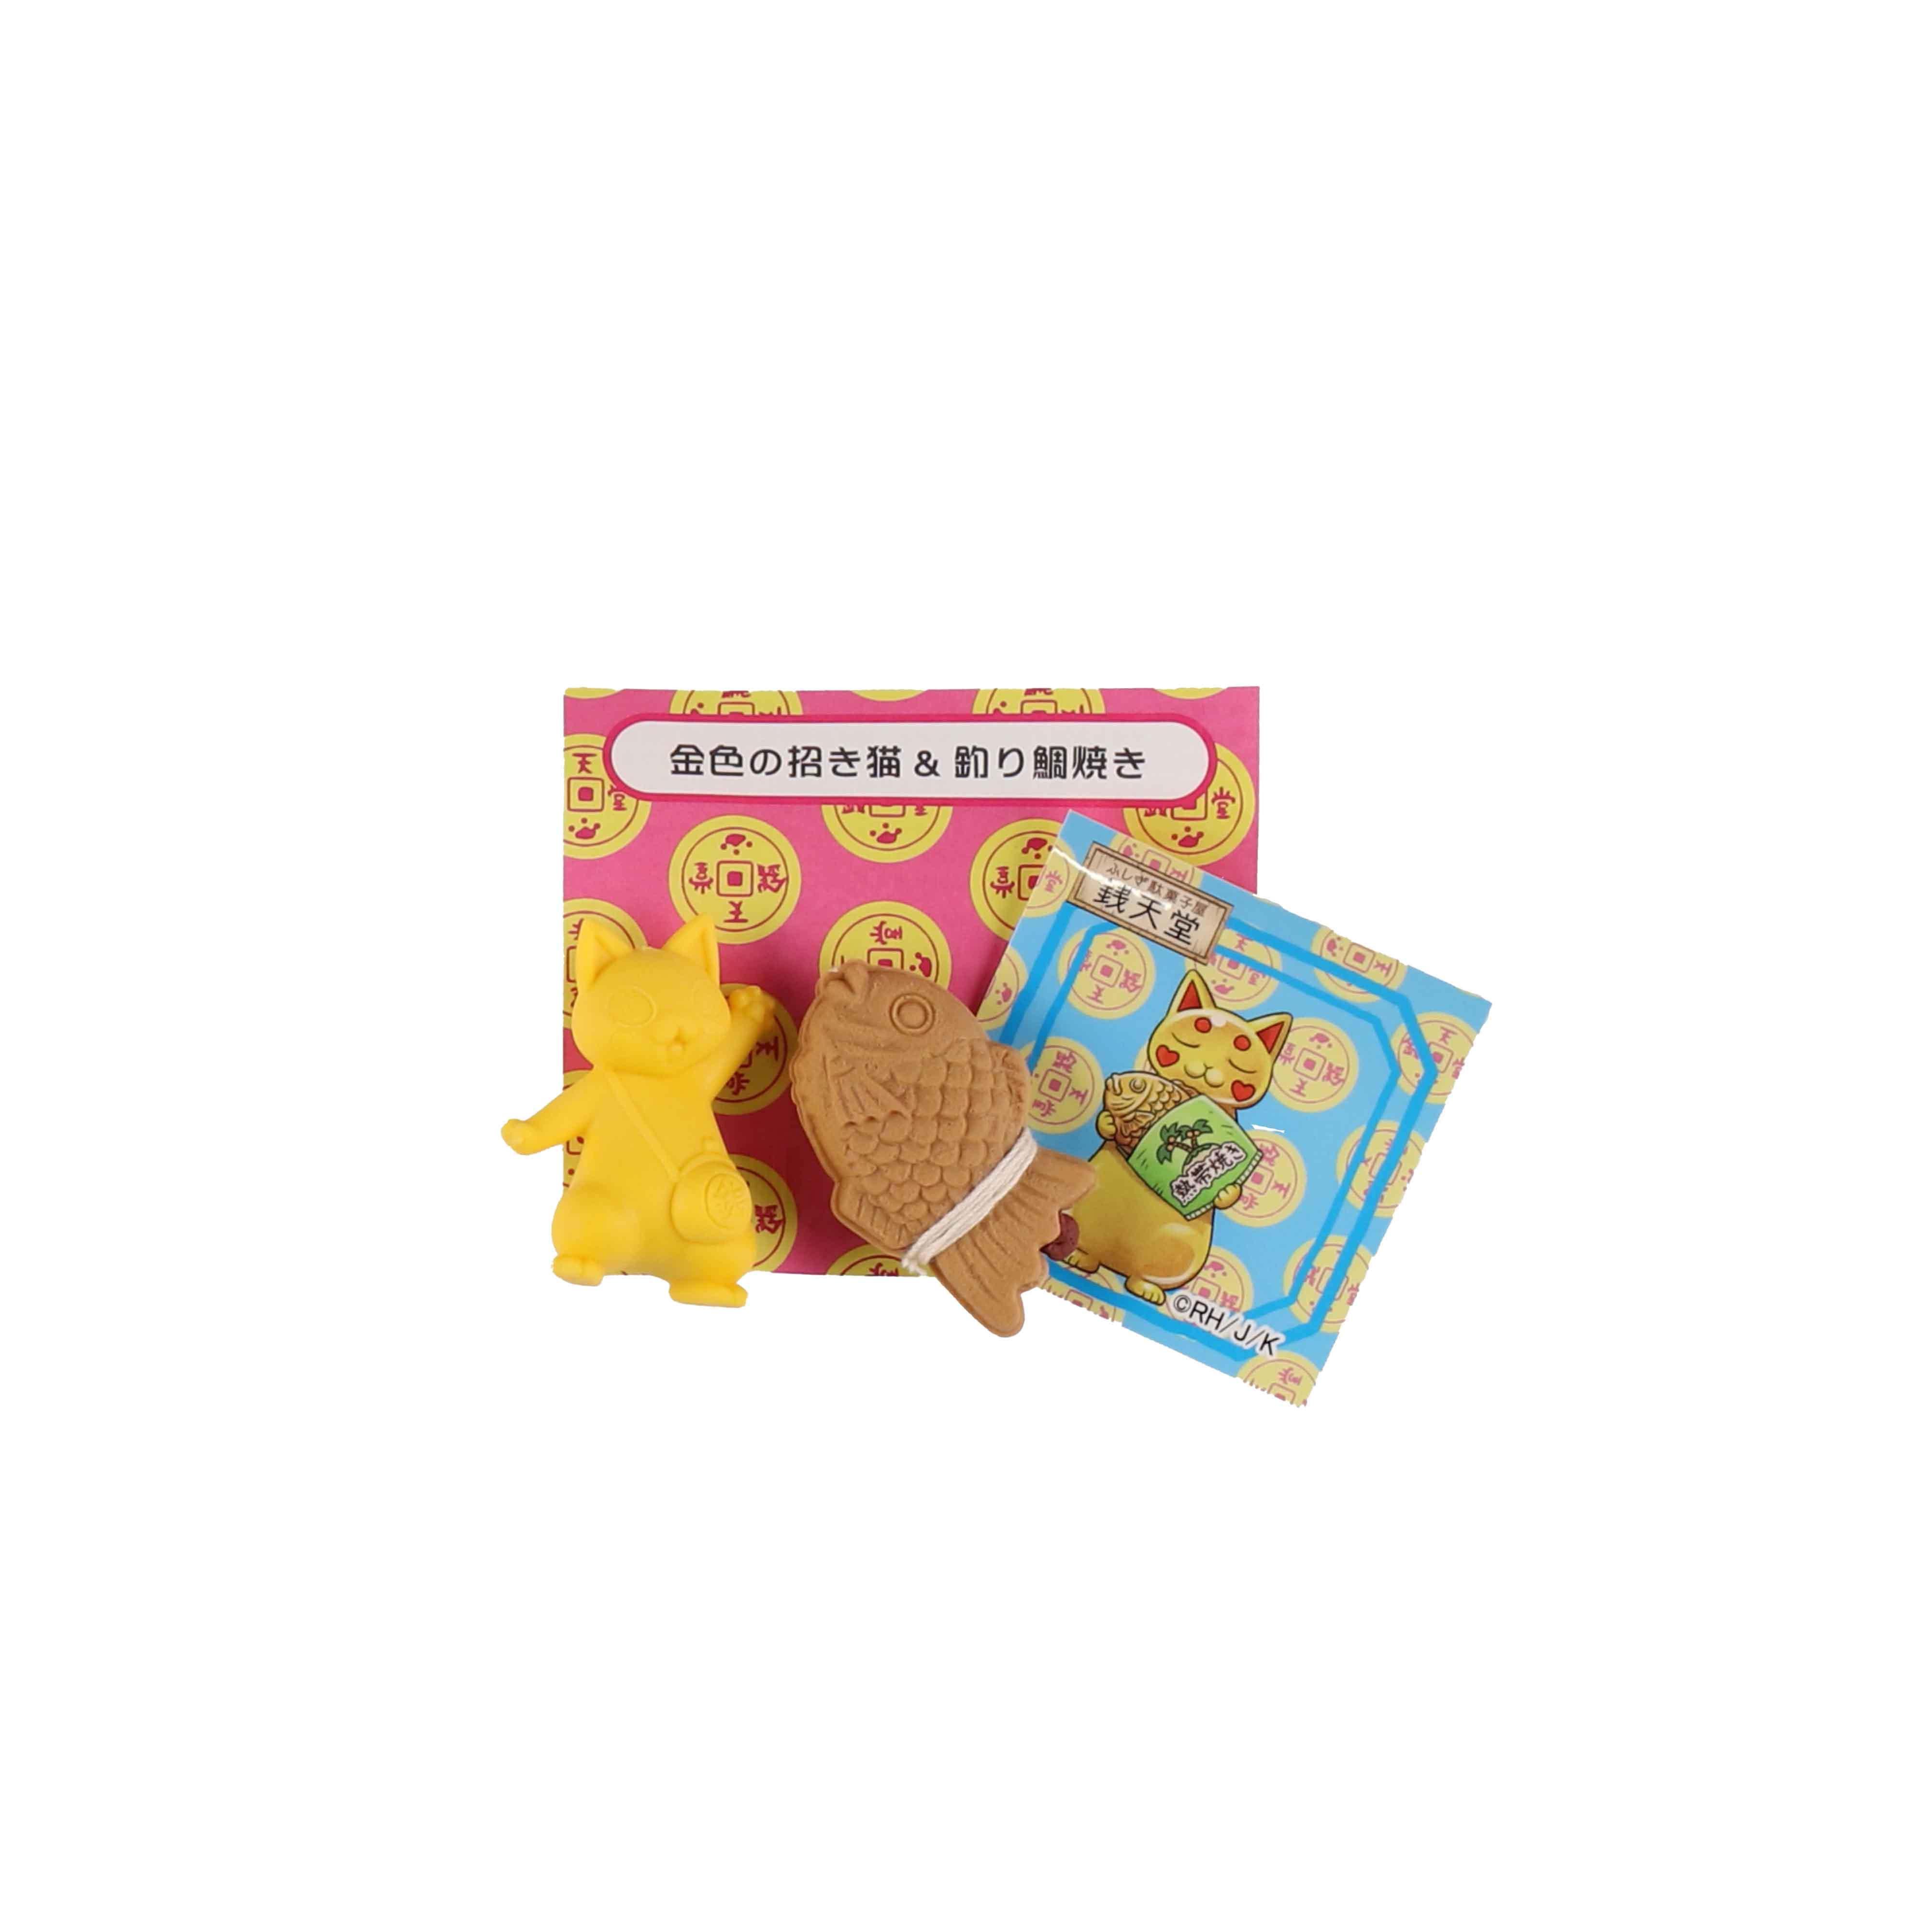 ふしぎ駄菓子屋 銭天堂 おもしろけしごむ (金色の招き猫&釣り鯛焼き)